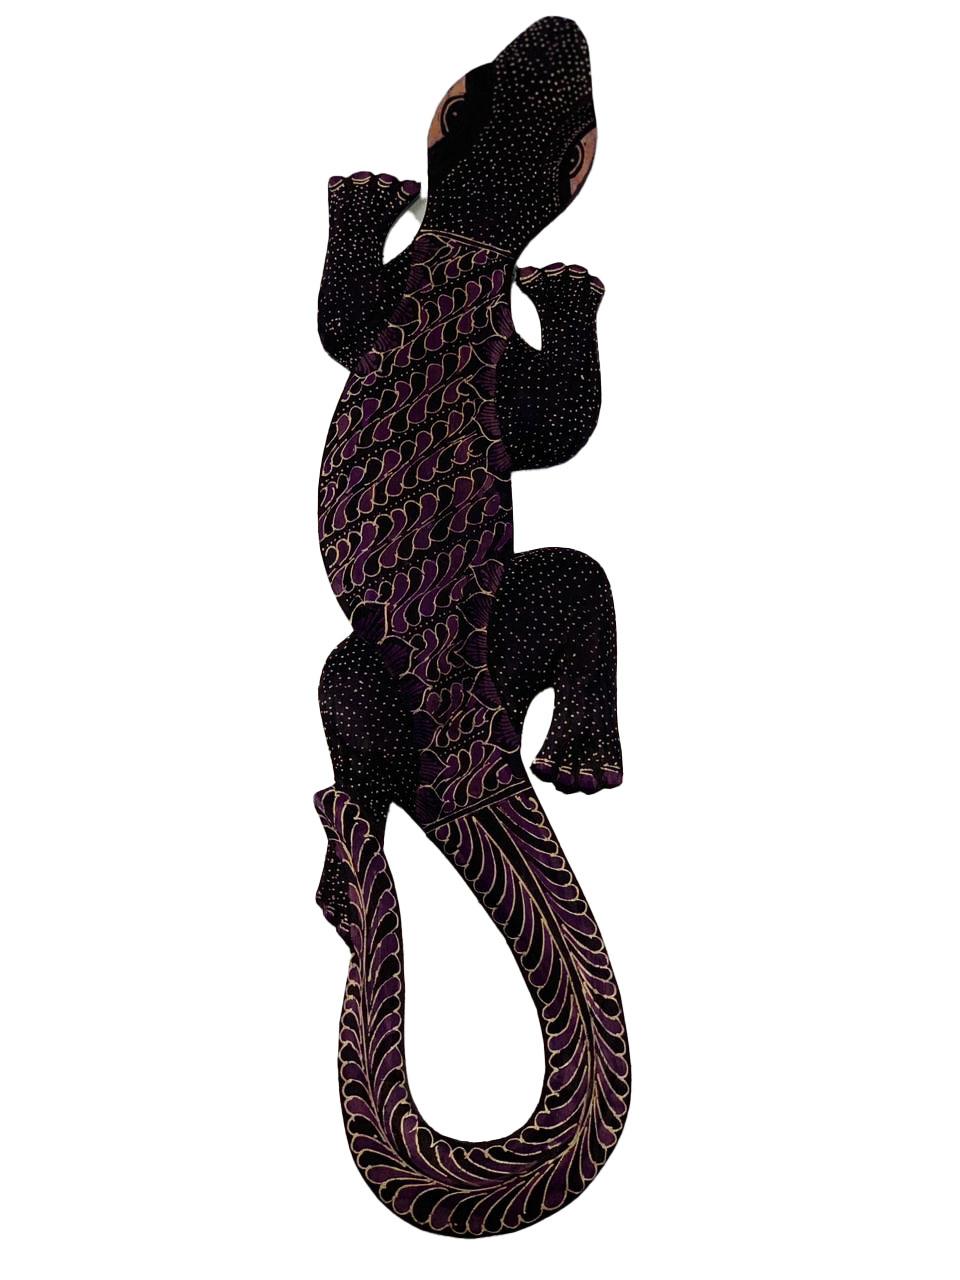 Escultura Lagarto Guecko em Madeira Albesia c/ Pintura Batik Lilás (50cm)